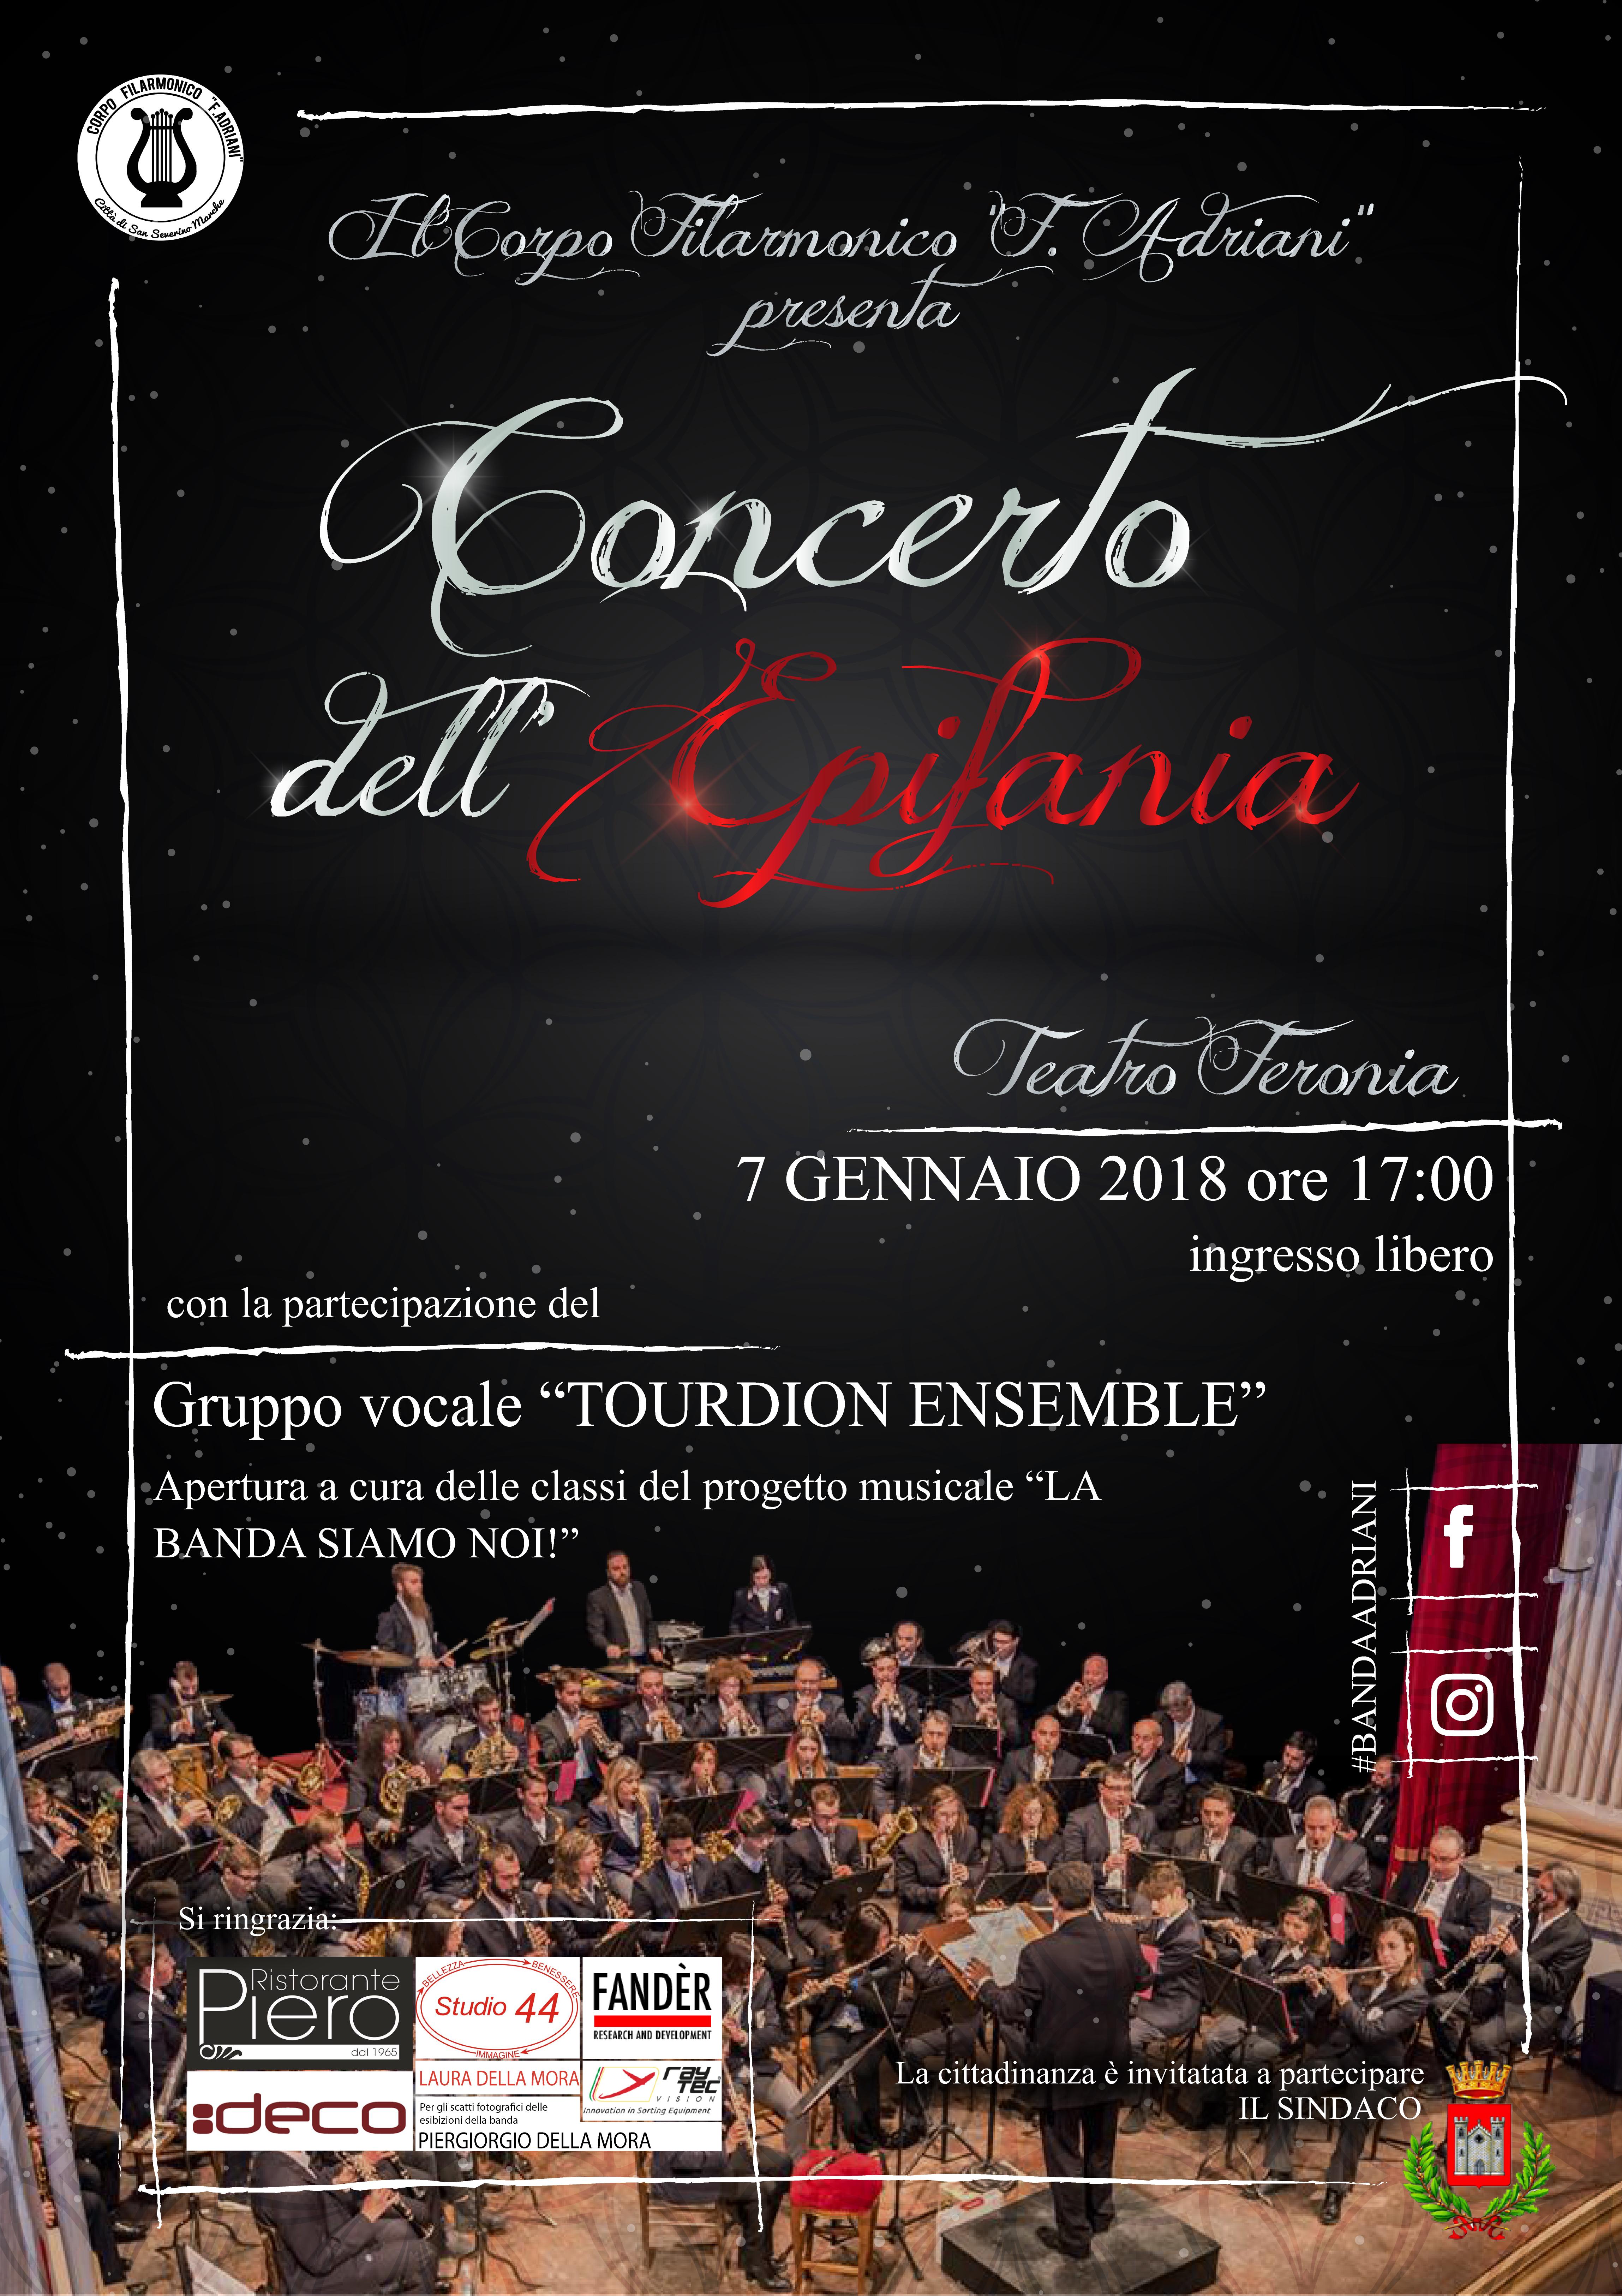 Locandina Concerto dell'Epifania 2018